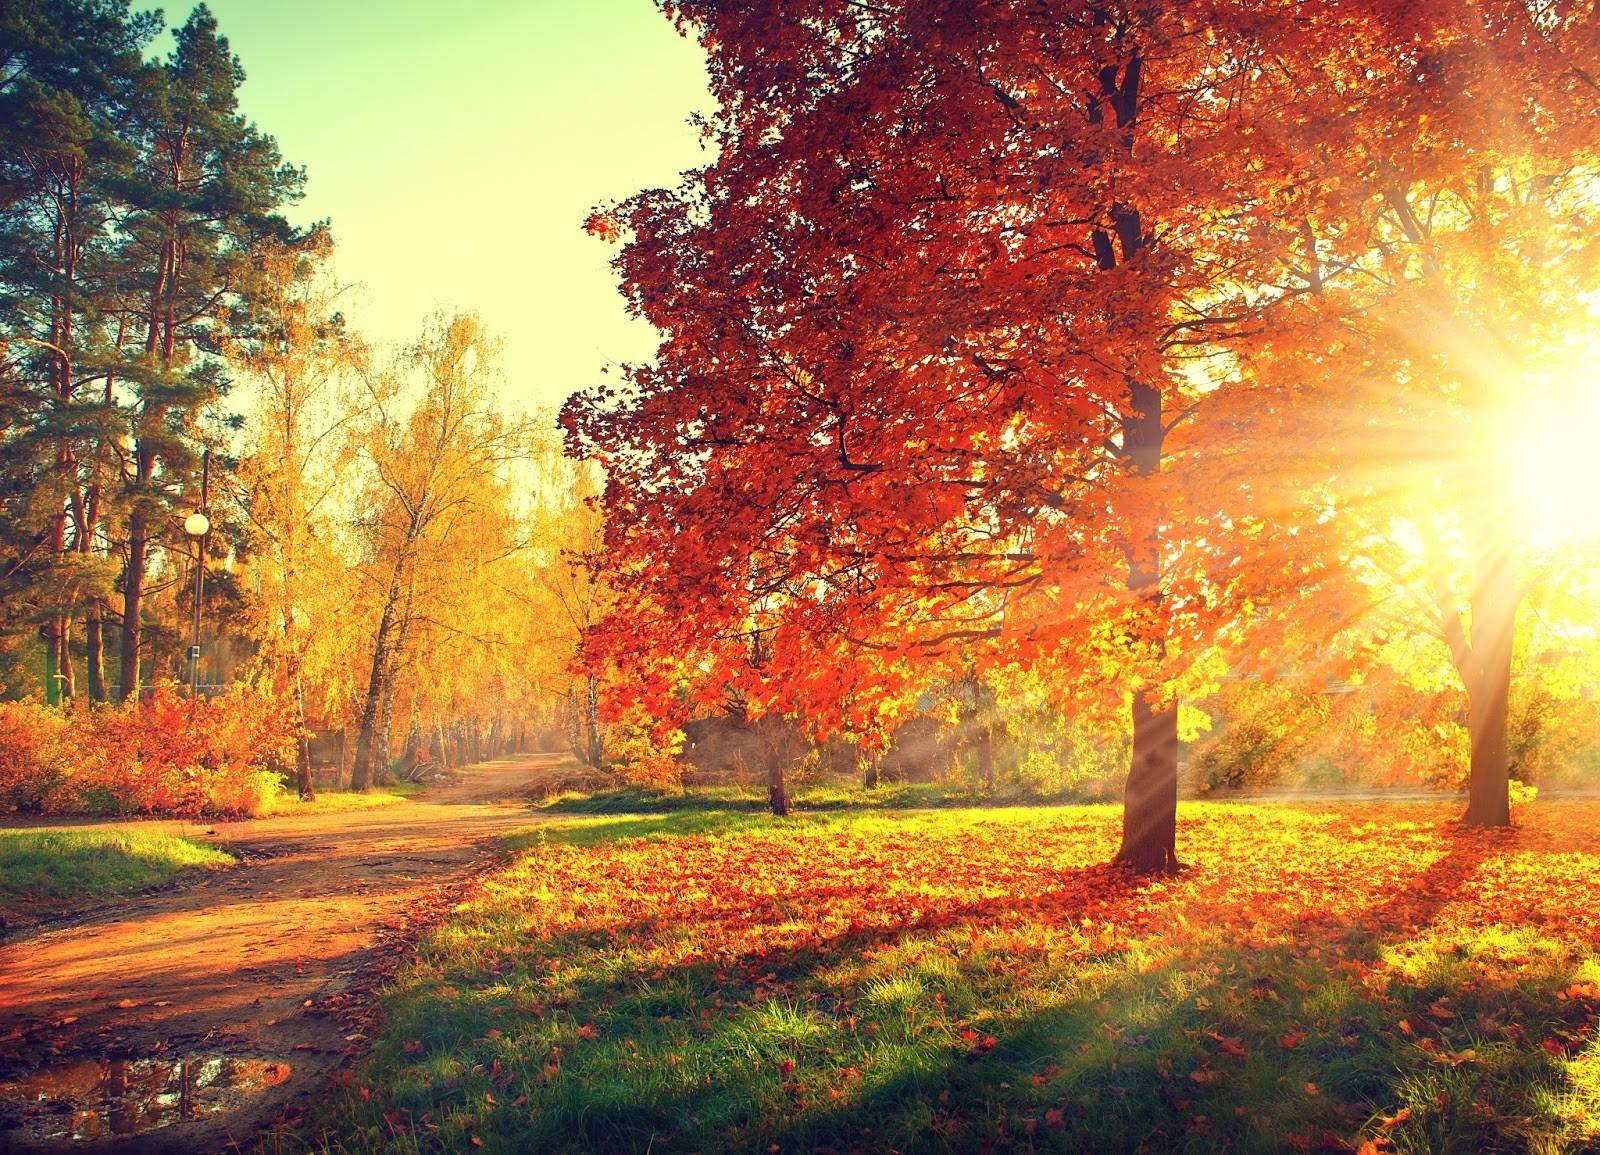 fotobehang bos herfst